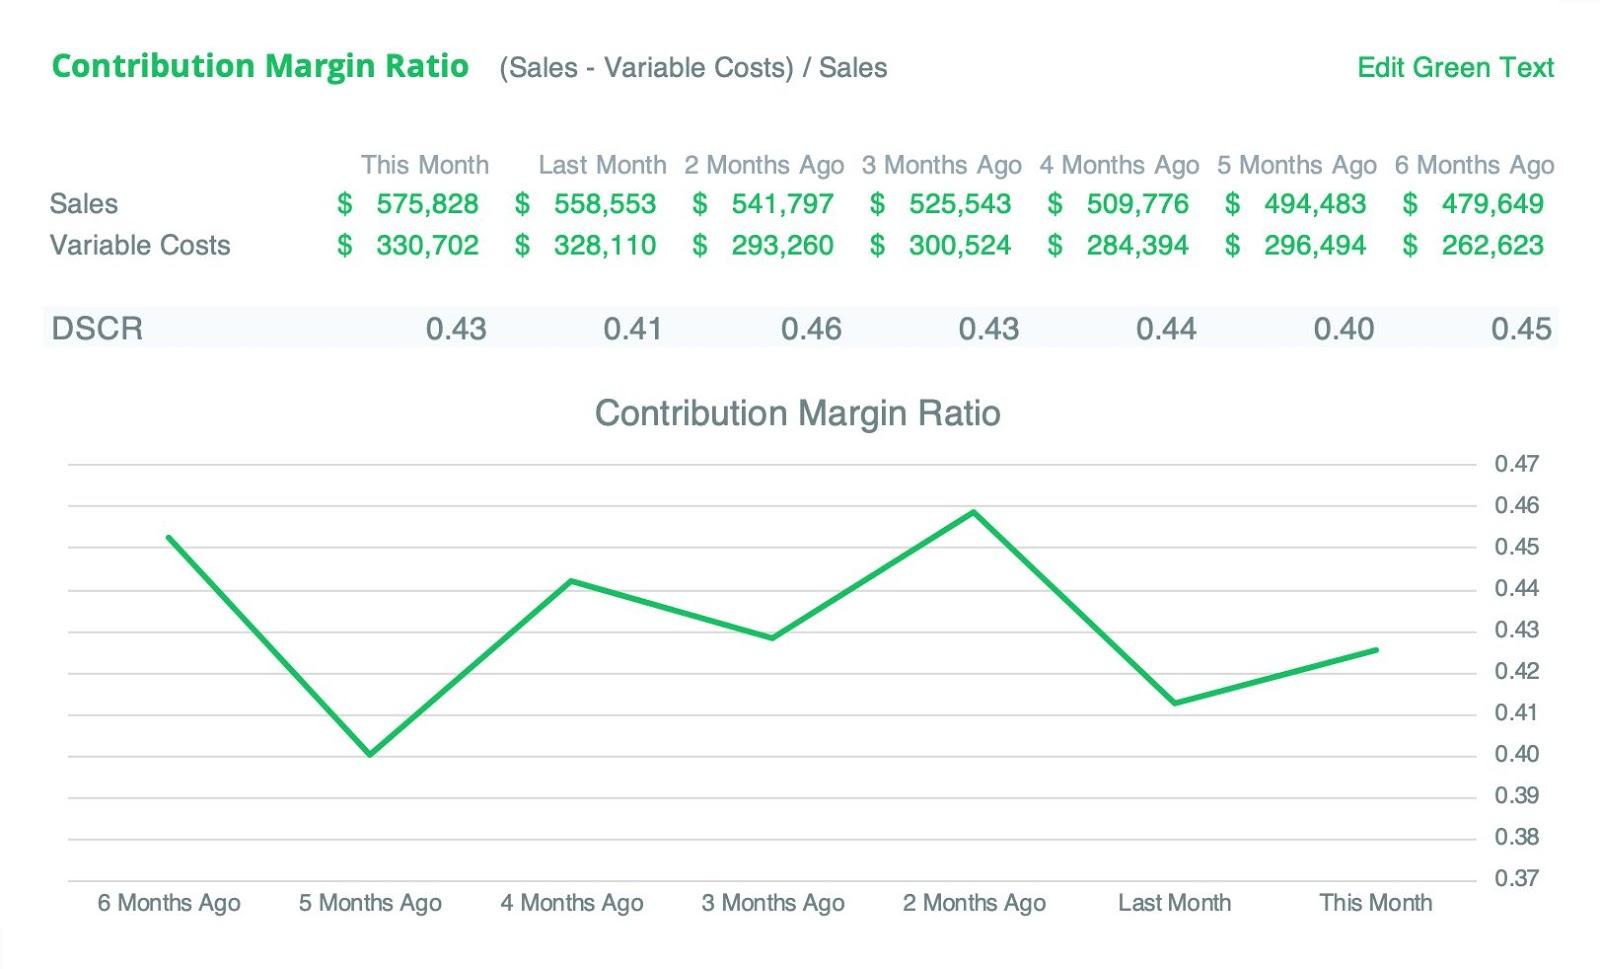 contribution-margin-ratio-example